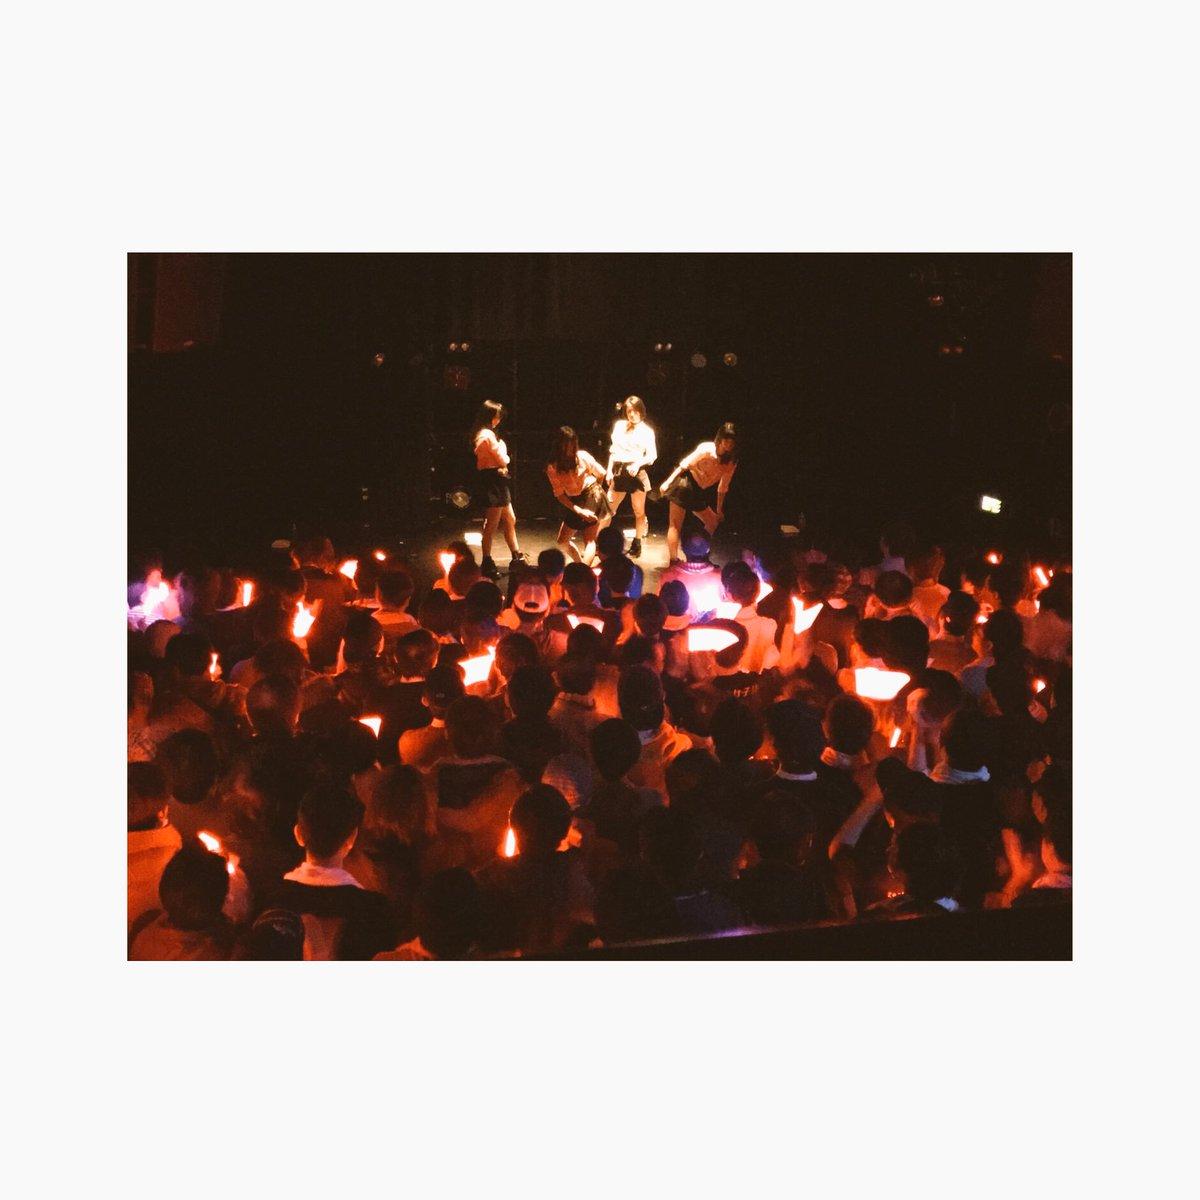 ツアーファイナル東京公演1日目✨  応援してくれるアスタライトのみんな、スタッフの皆さんのおかげで今…